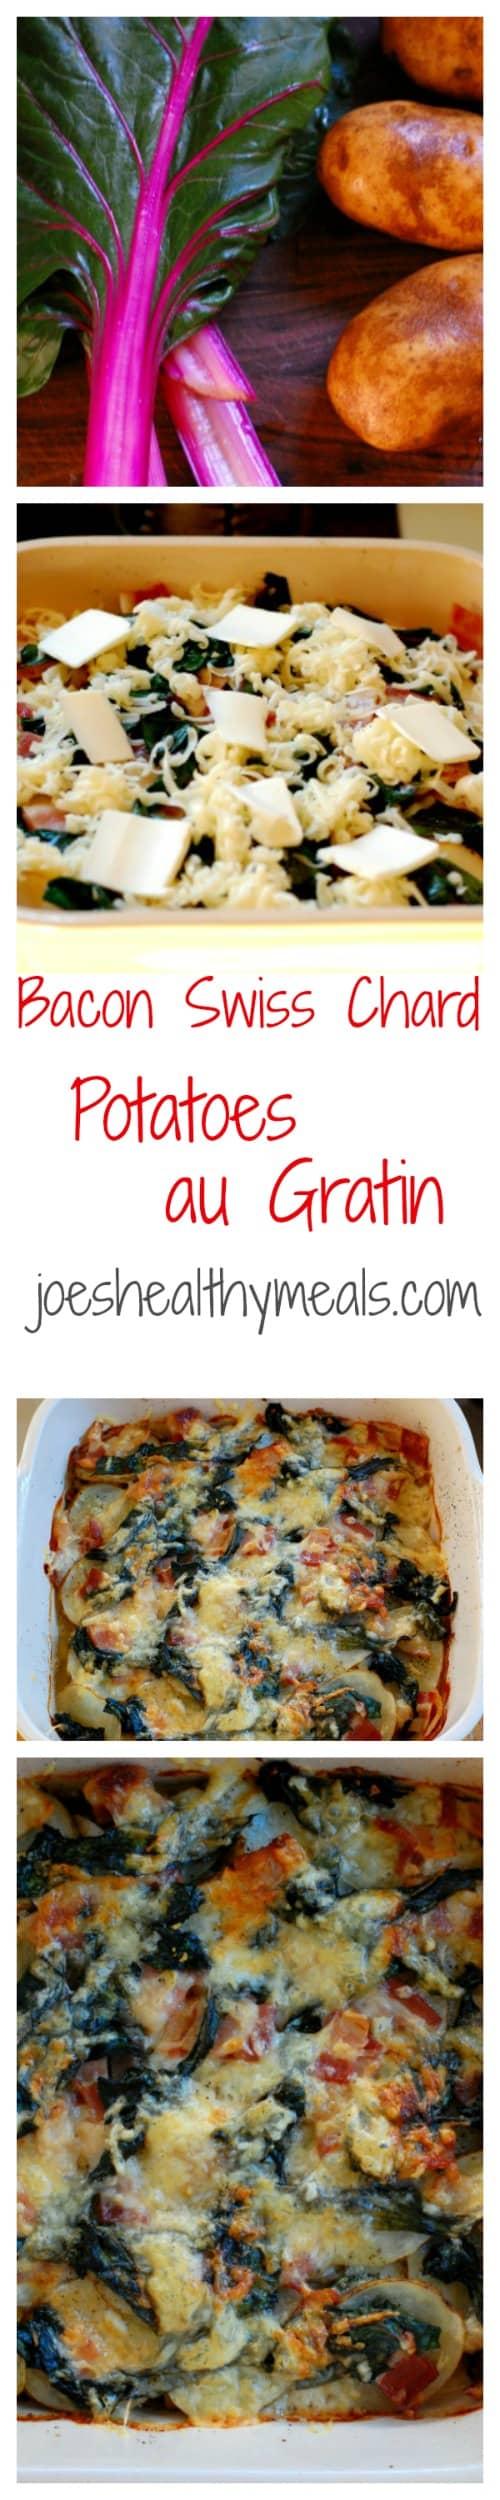 Bacon Swiss chard potatoes au gratin.   joeshealthymeals.com